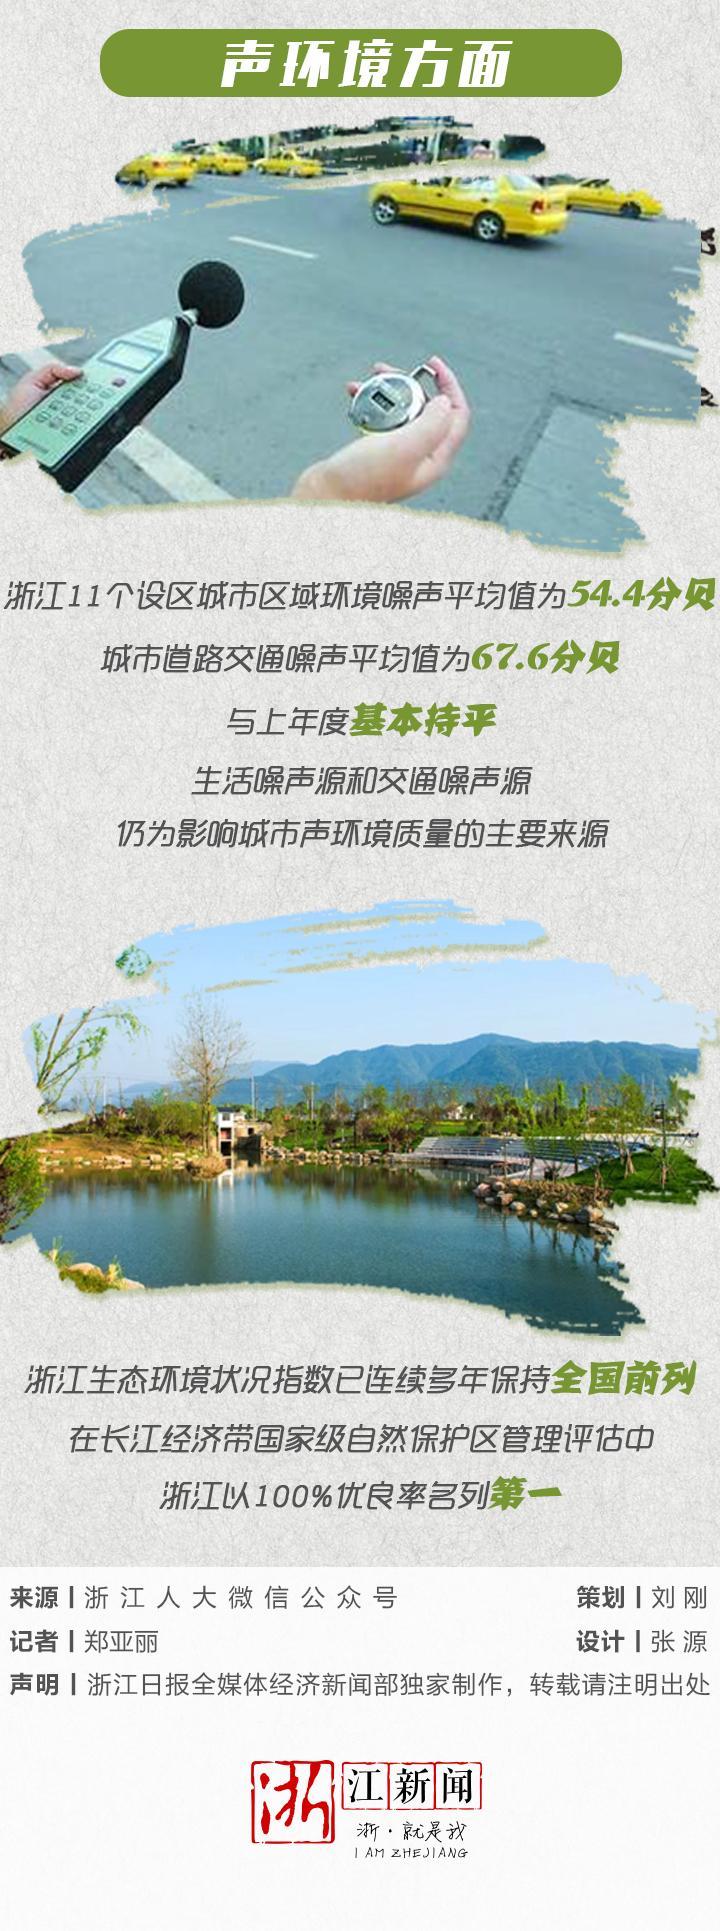 环境公报_04.jpg